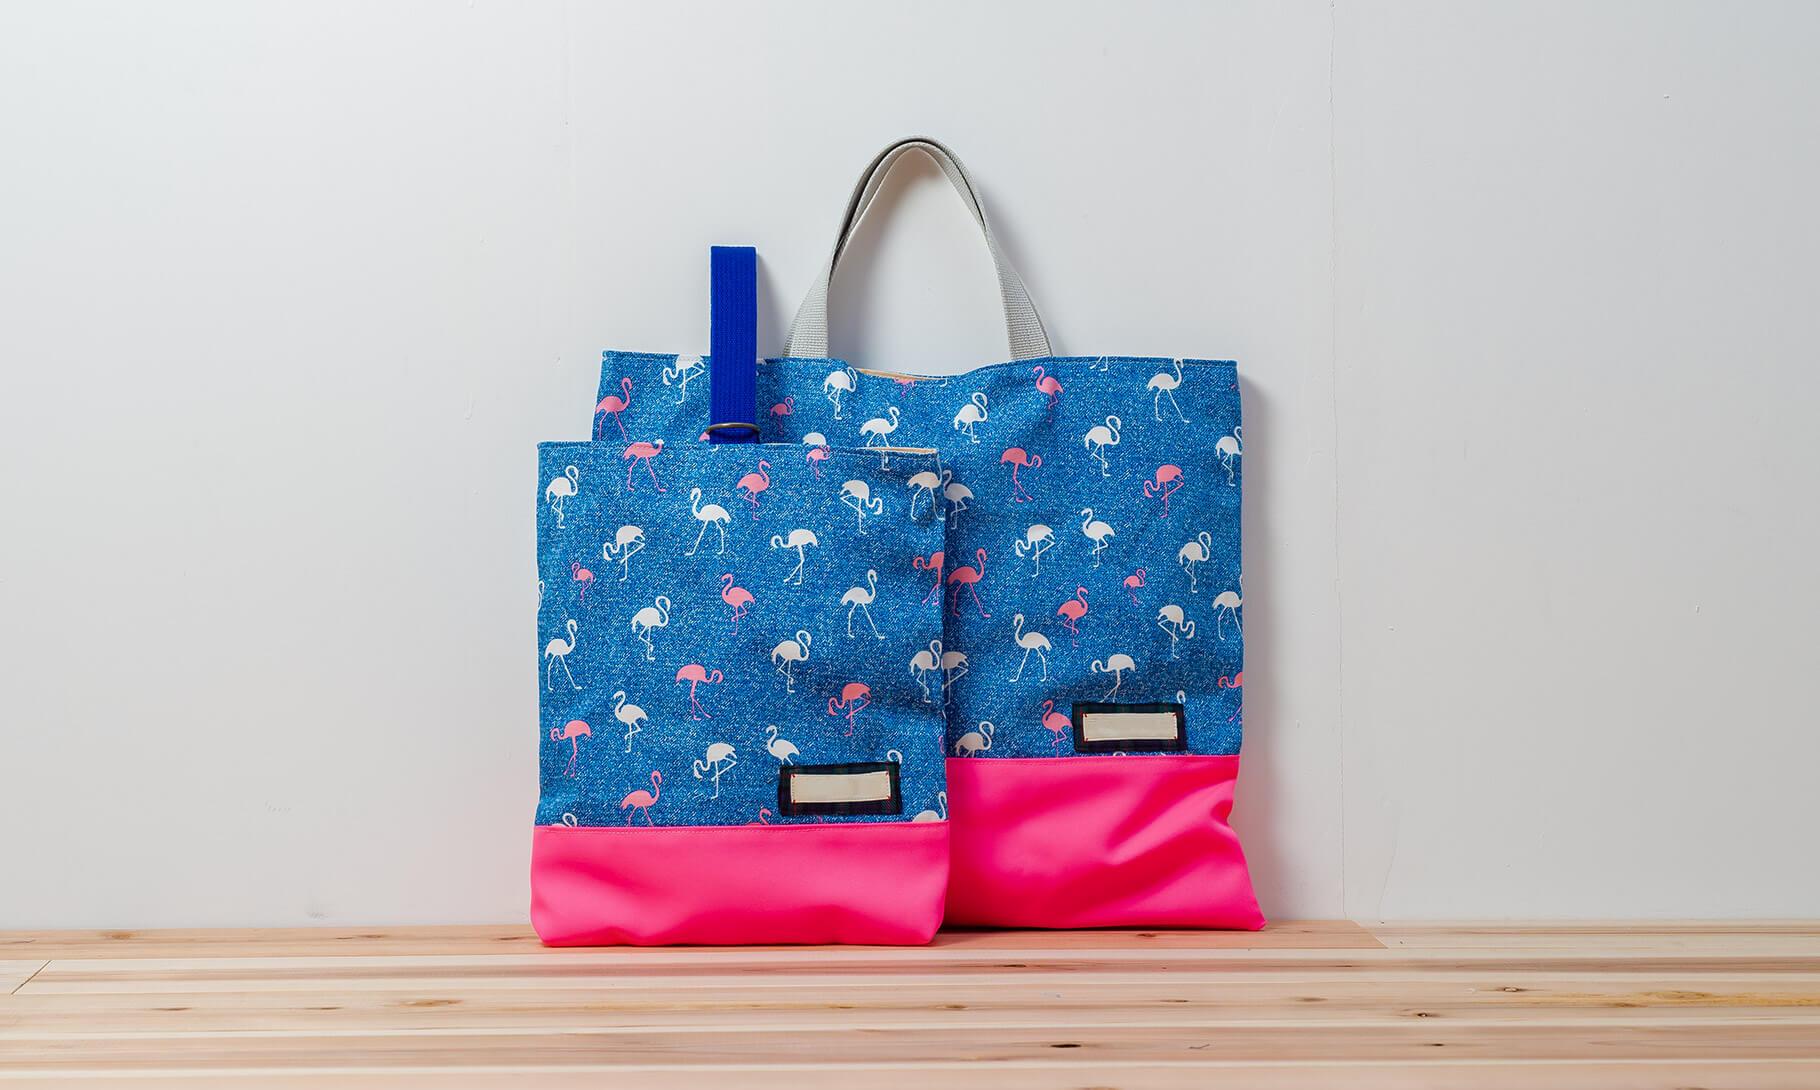 レッスンバッグと上履き入れのオーダー(フラミンゴと蛍光ピンク)